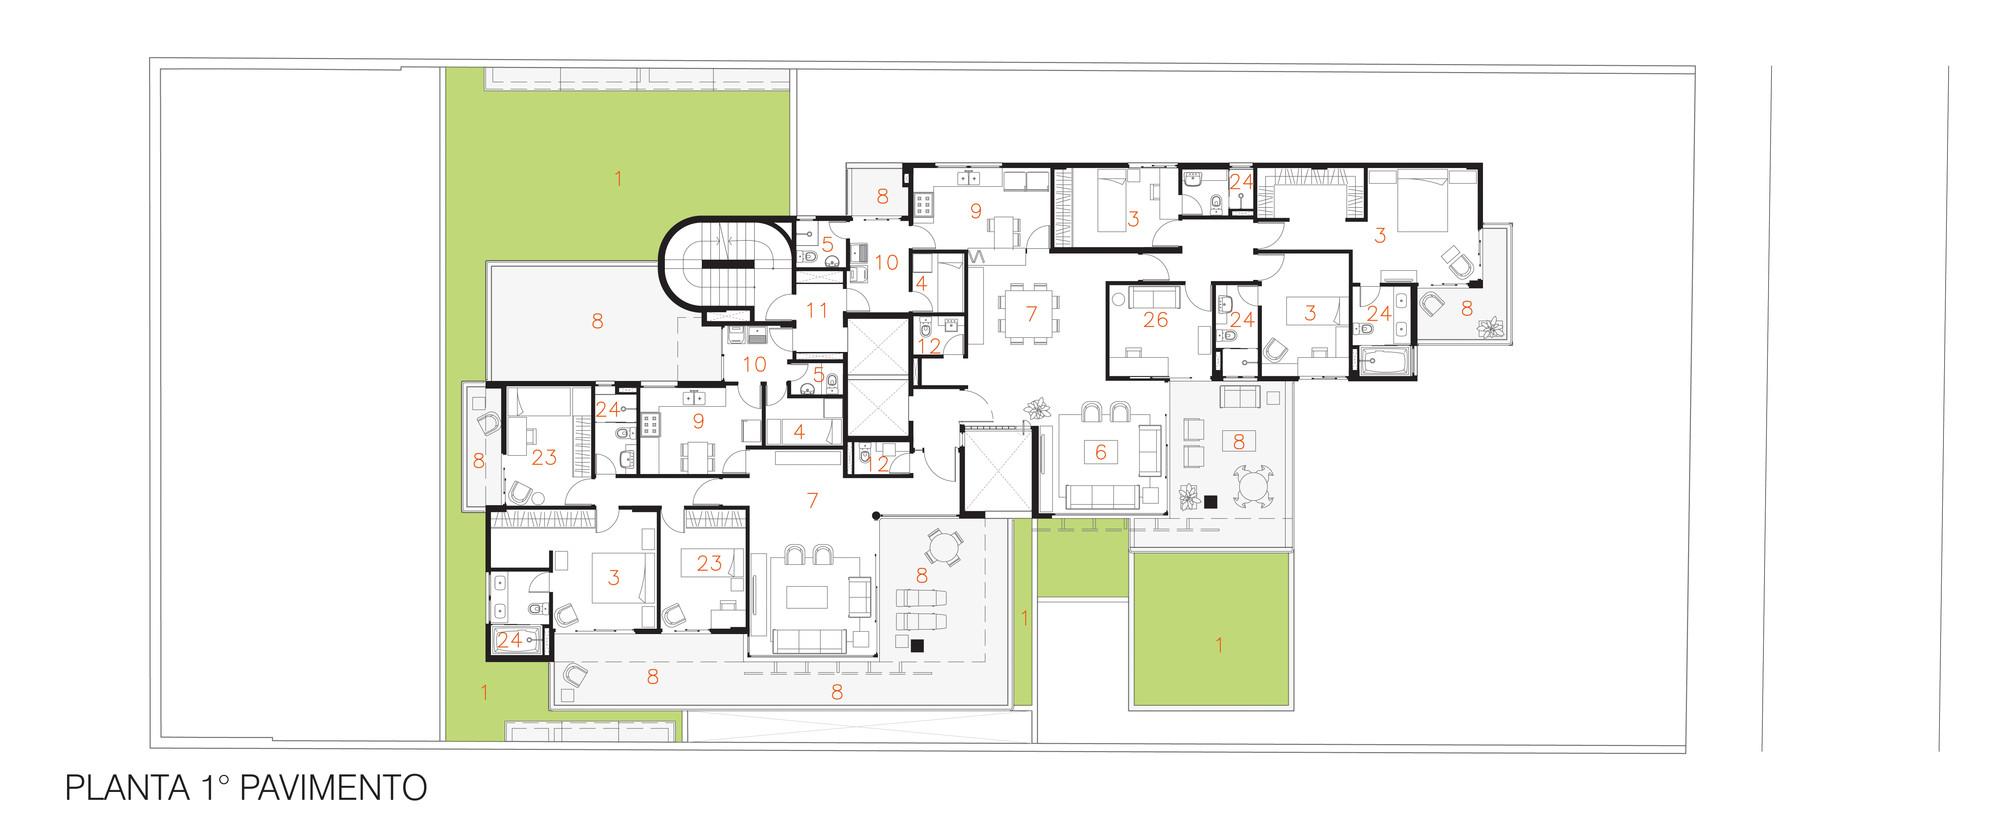 Fidalga 800 Building / Reinach Mendonça Arquitetos Associados